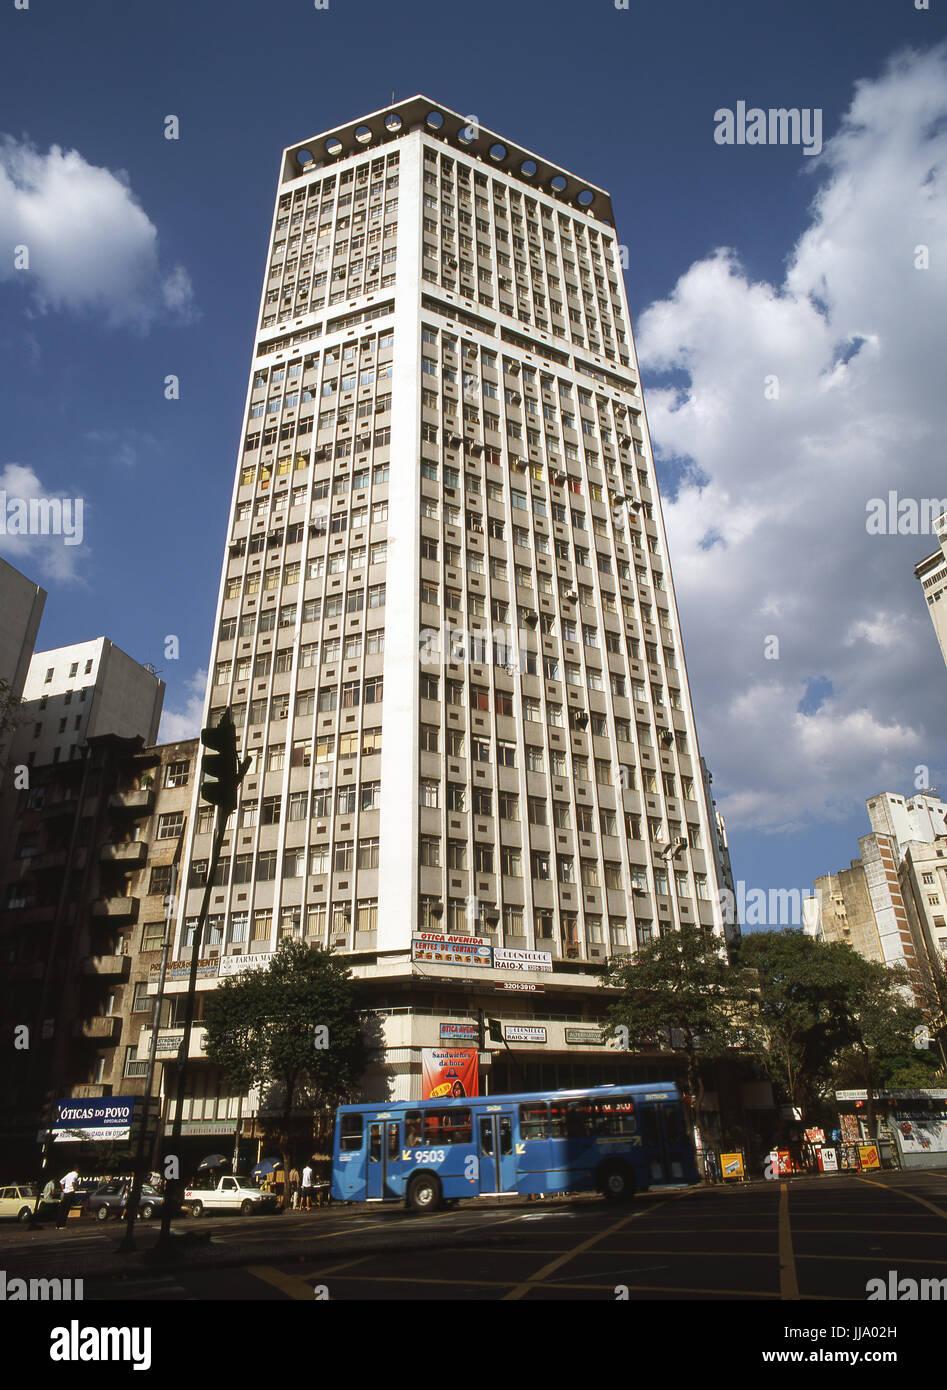 50bf9c1a6 Avenida Afonso Pena; Belo Horizonte; Minas Gerais; Brazil Stock ...